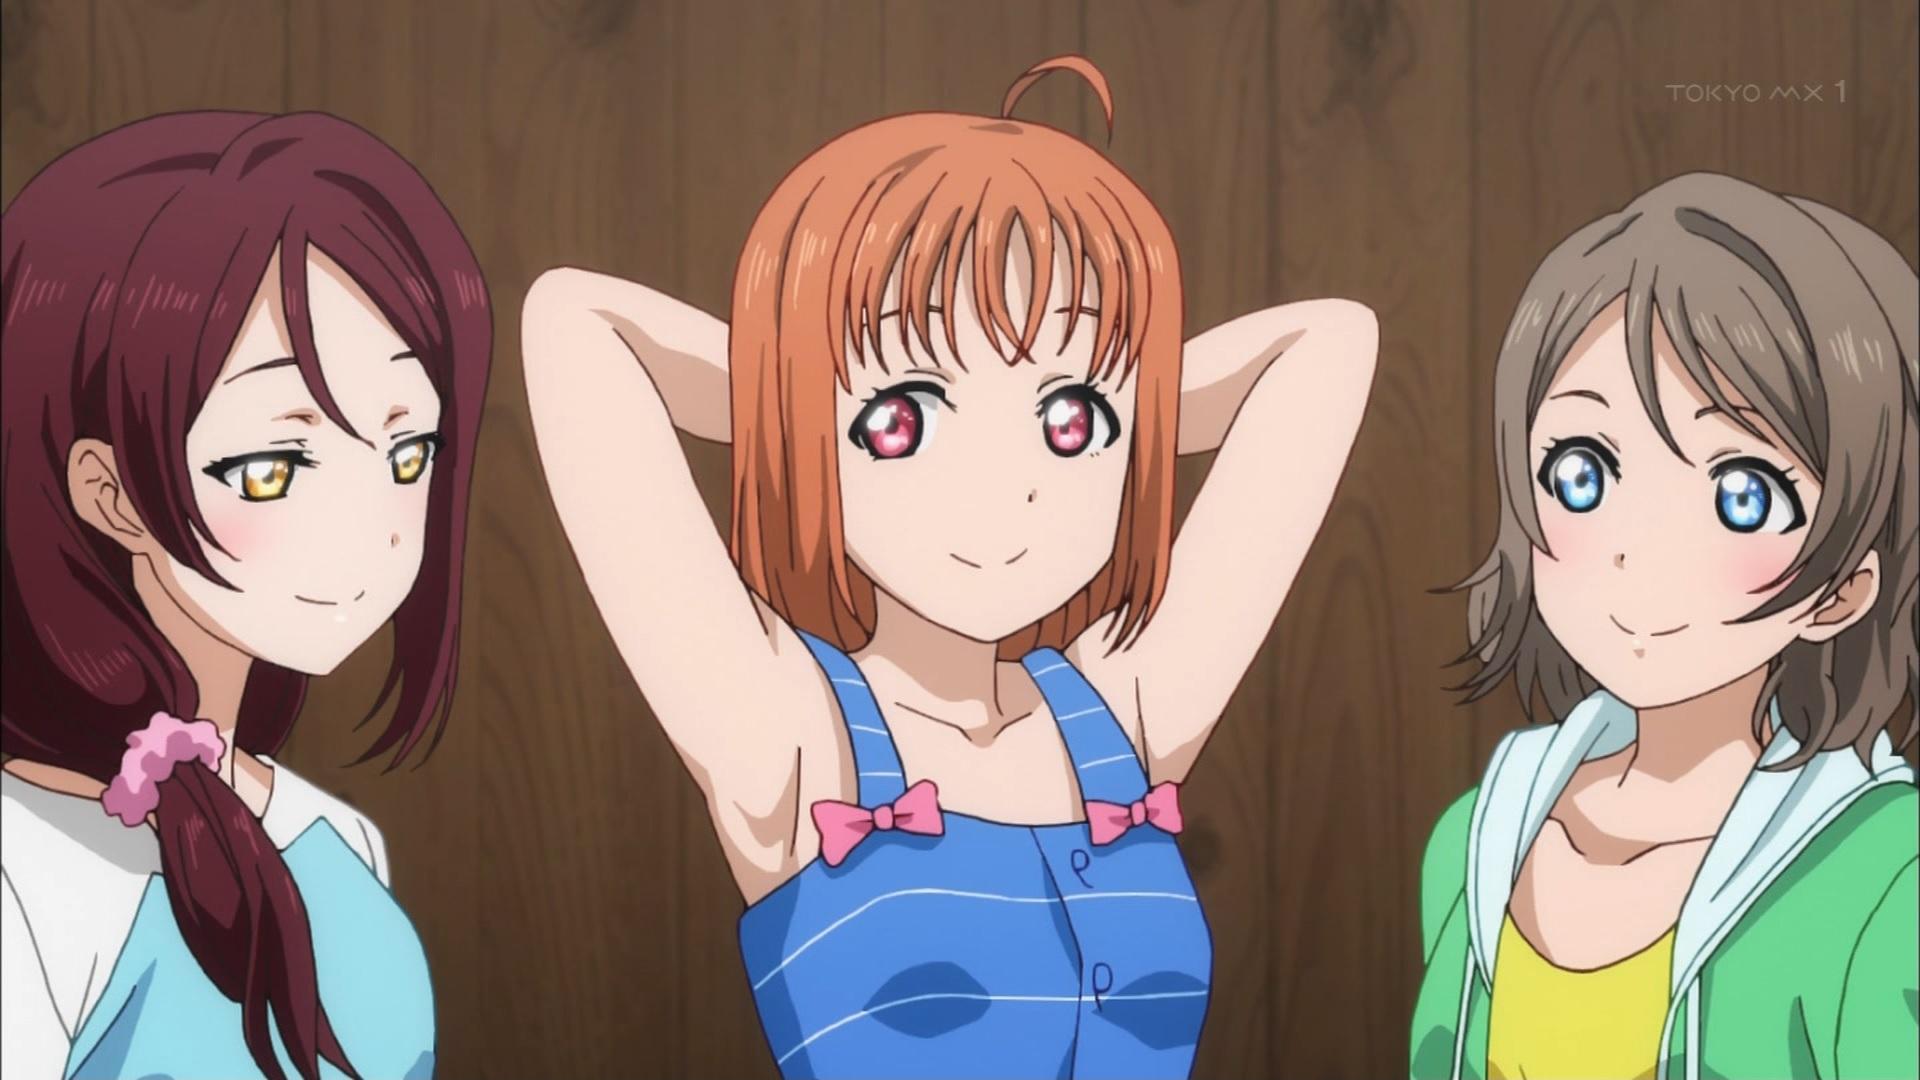 髪型が違う梨子と曜と千歌の腋(脇)